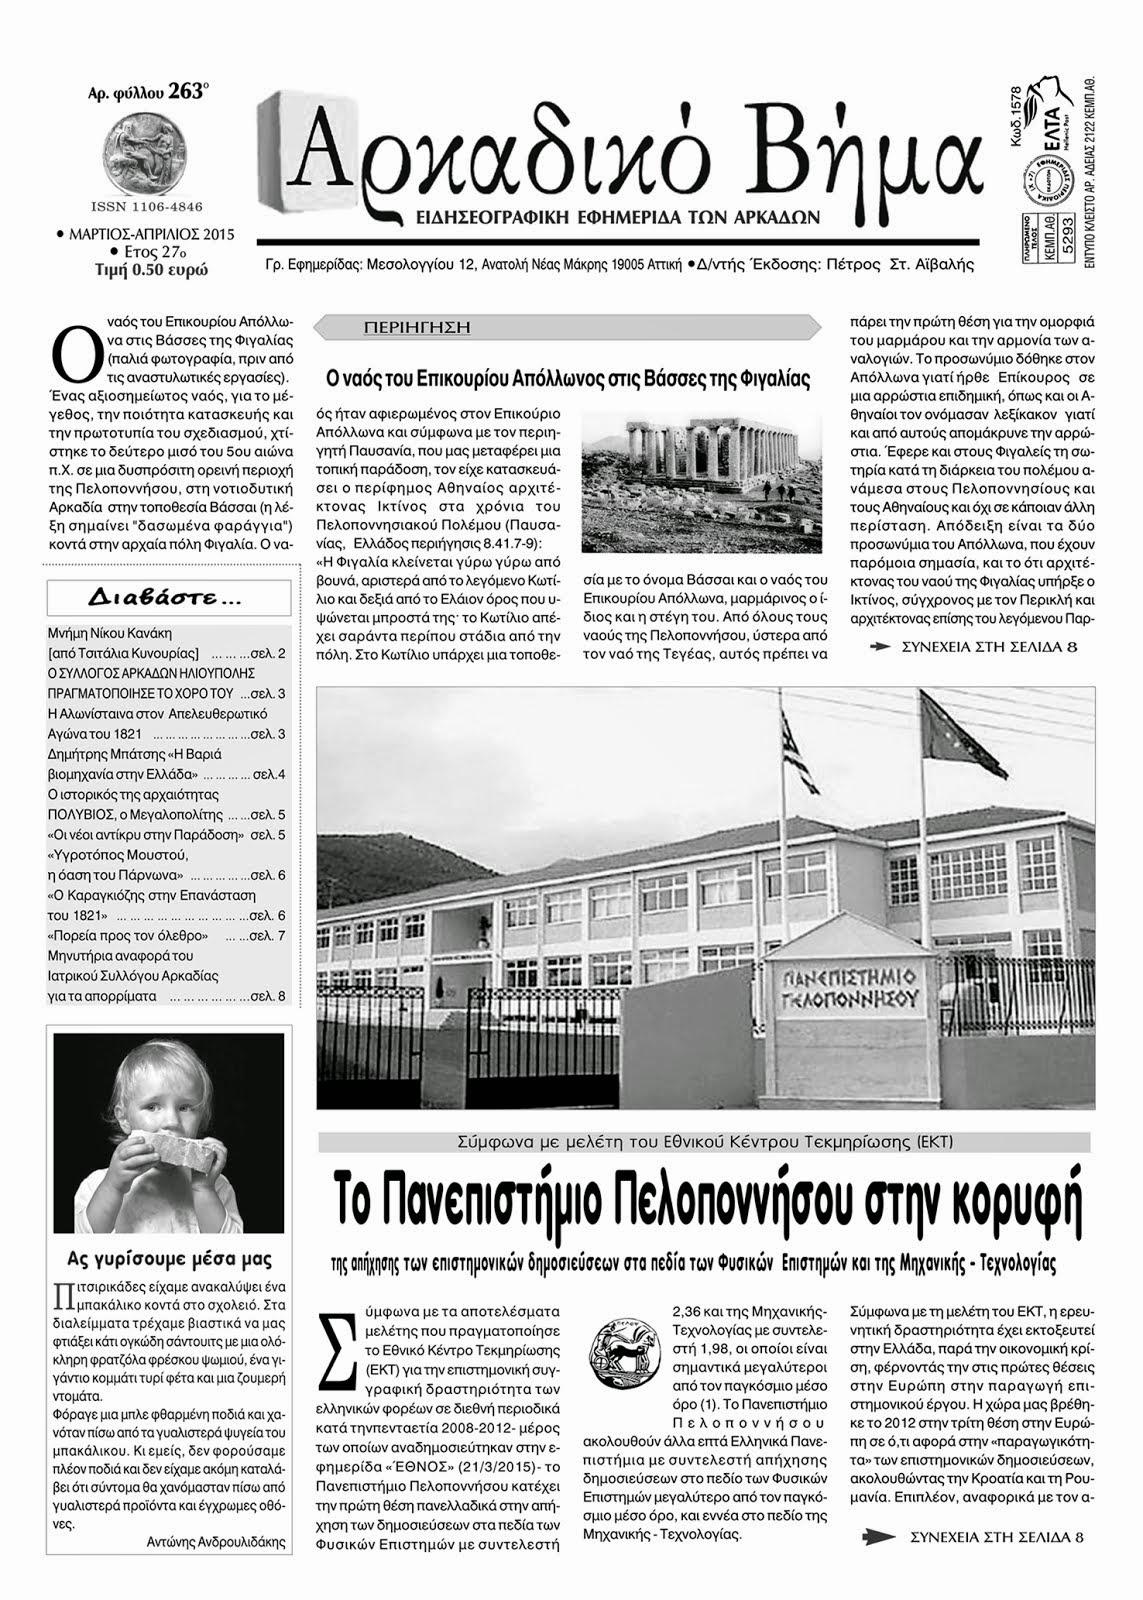 """Εφημερίδα """"Αρκαδικό Βήμα"""" Το Πανεπιστήμιο Πελοποννήσου στην κορυφή"""